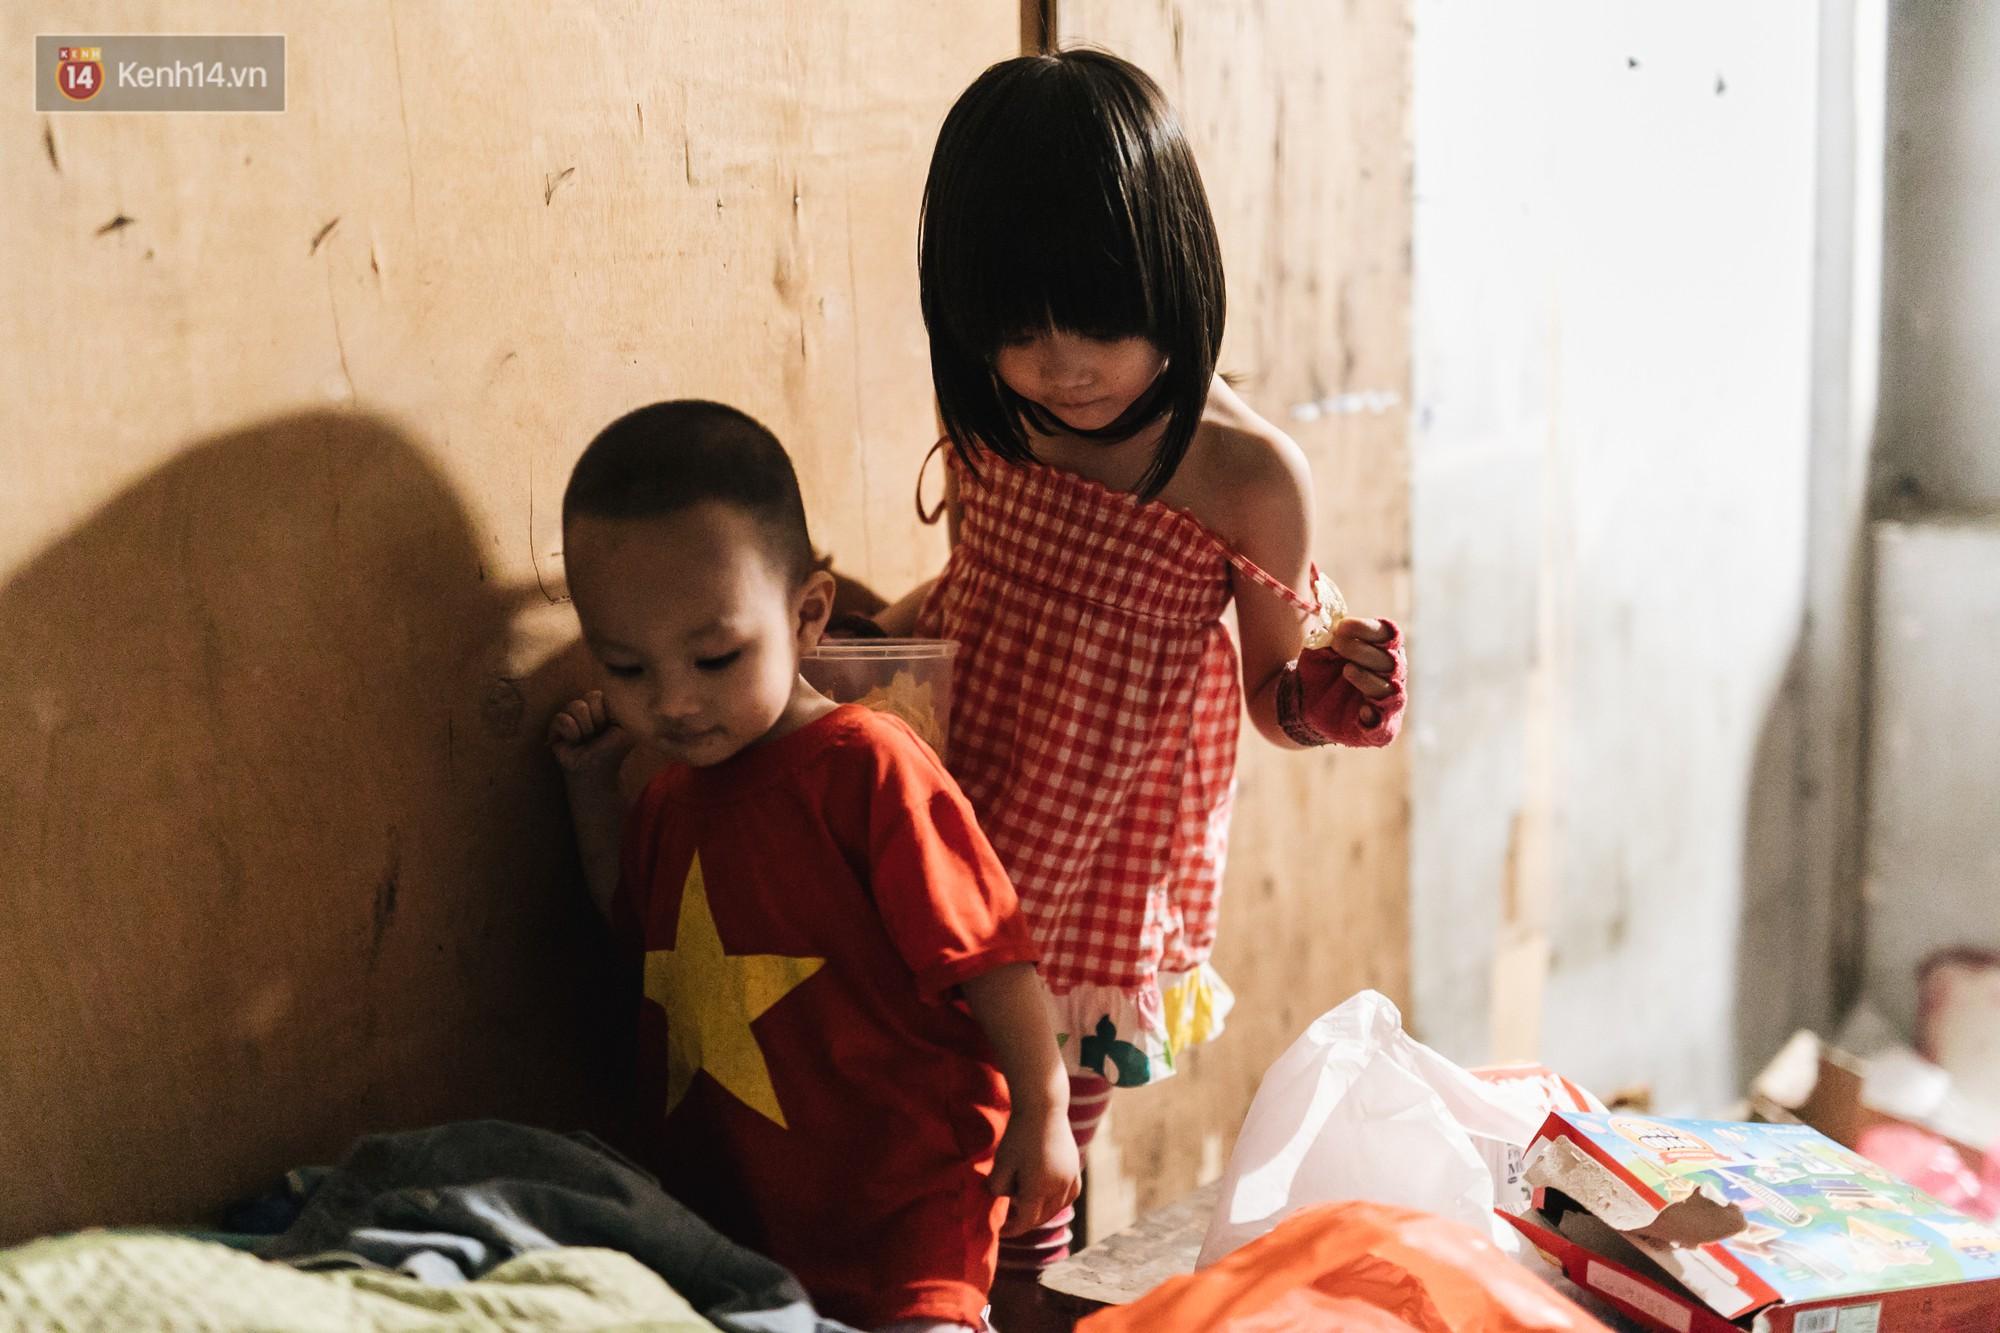 Bất ngờ nổi tiếng sau 1 đêm, bé gái 6 tuổi phối đồ chất ở Hà Nội trở về những ngày lang thang bán hàng rong cùng mẹ-14